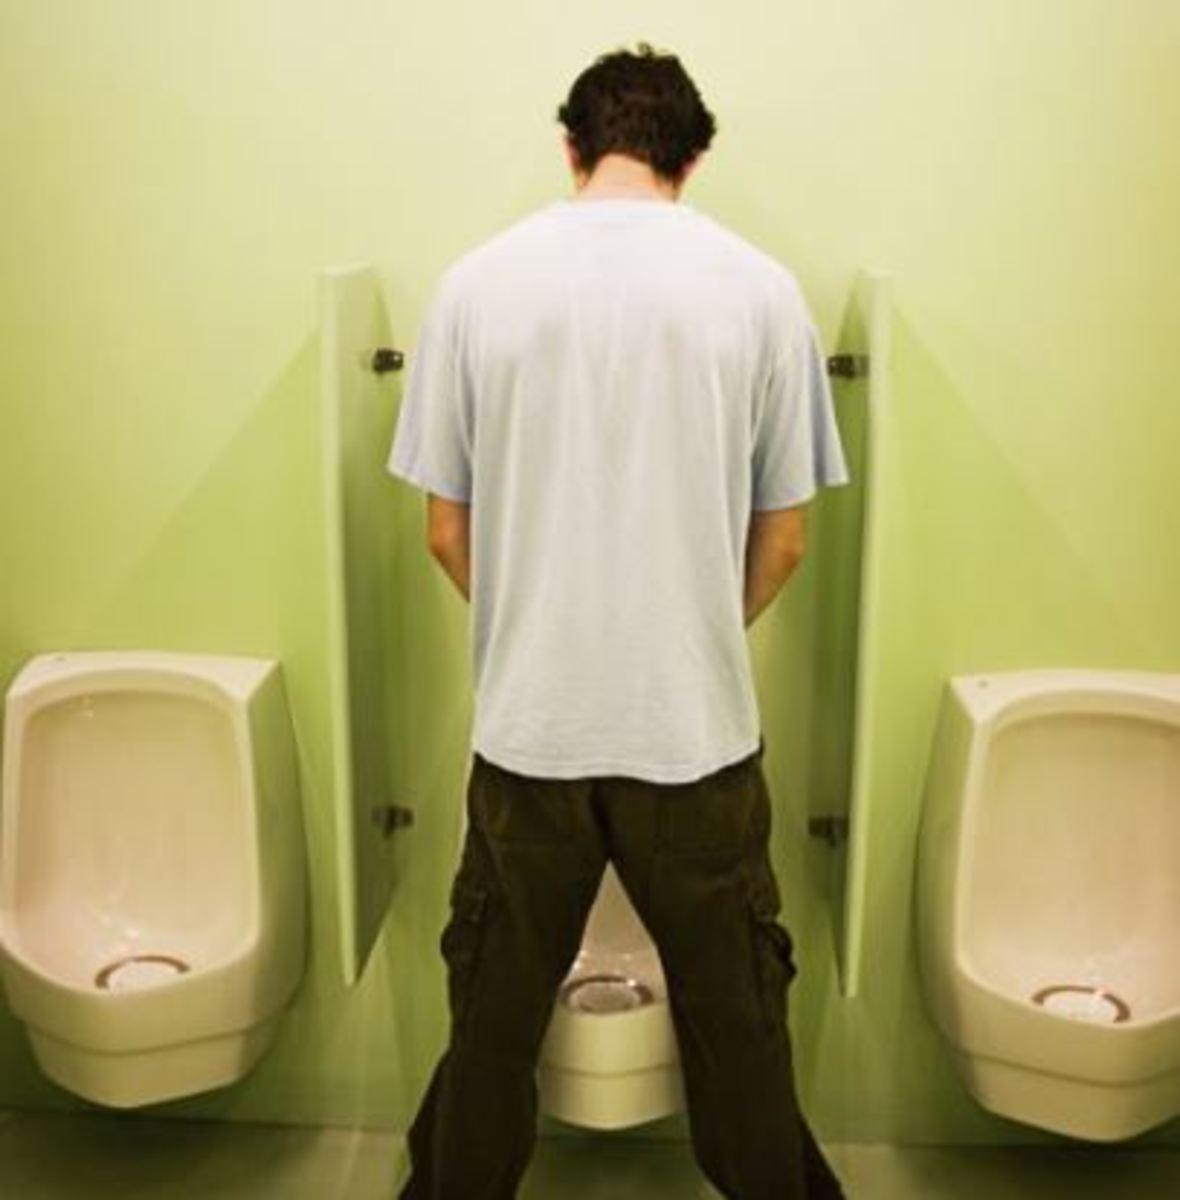 Image result for urine